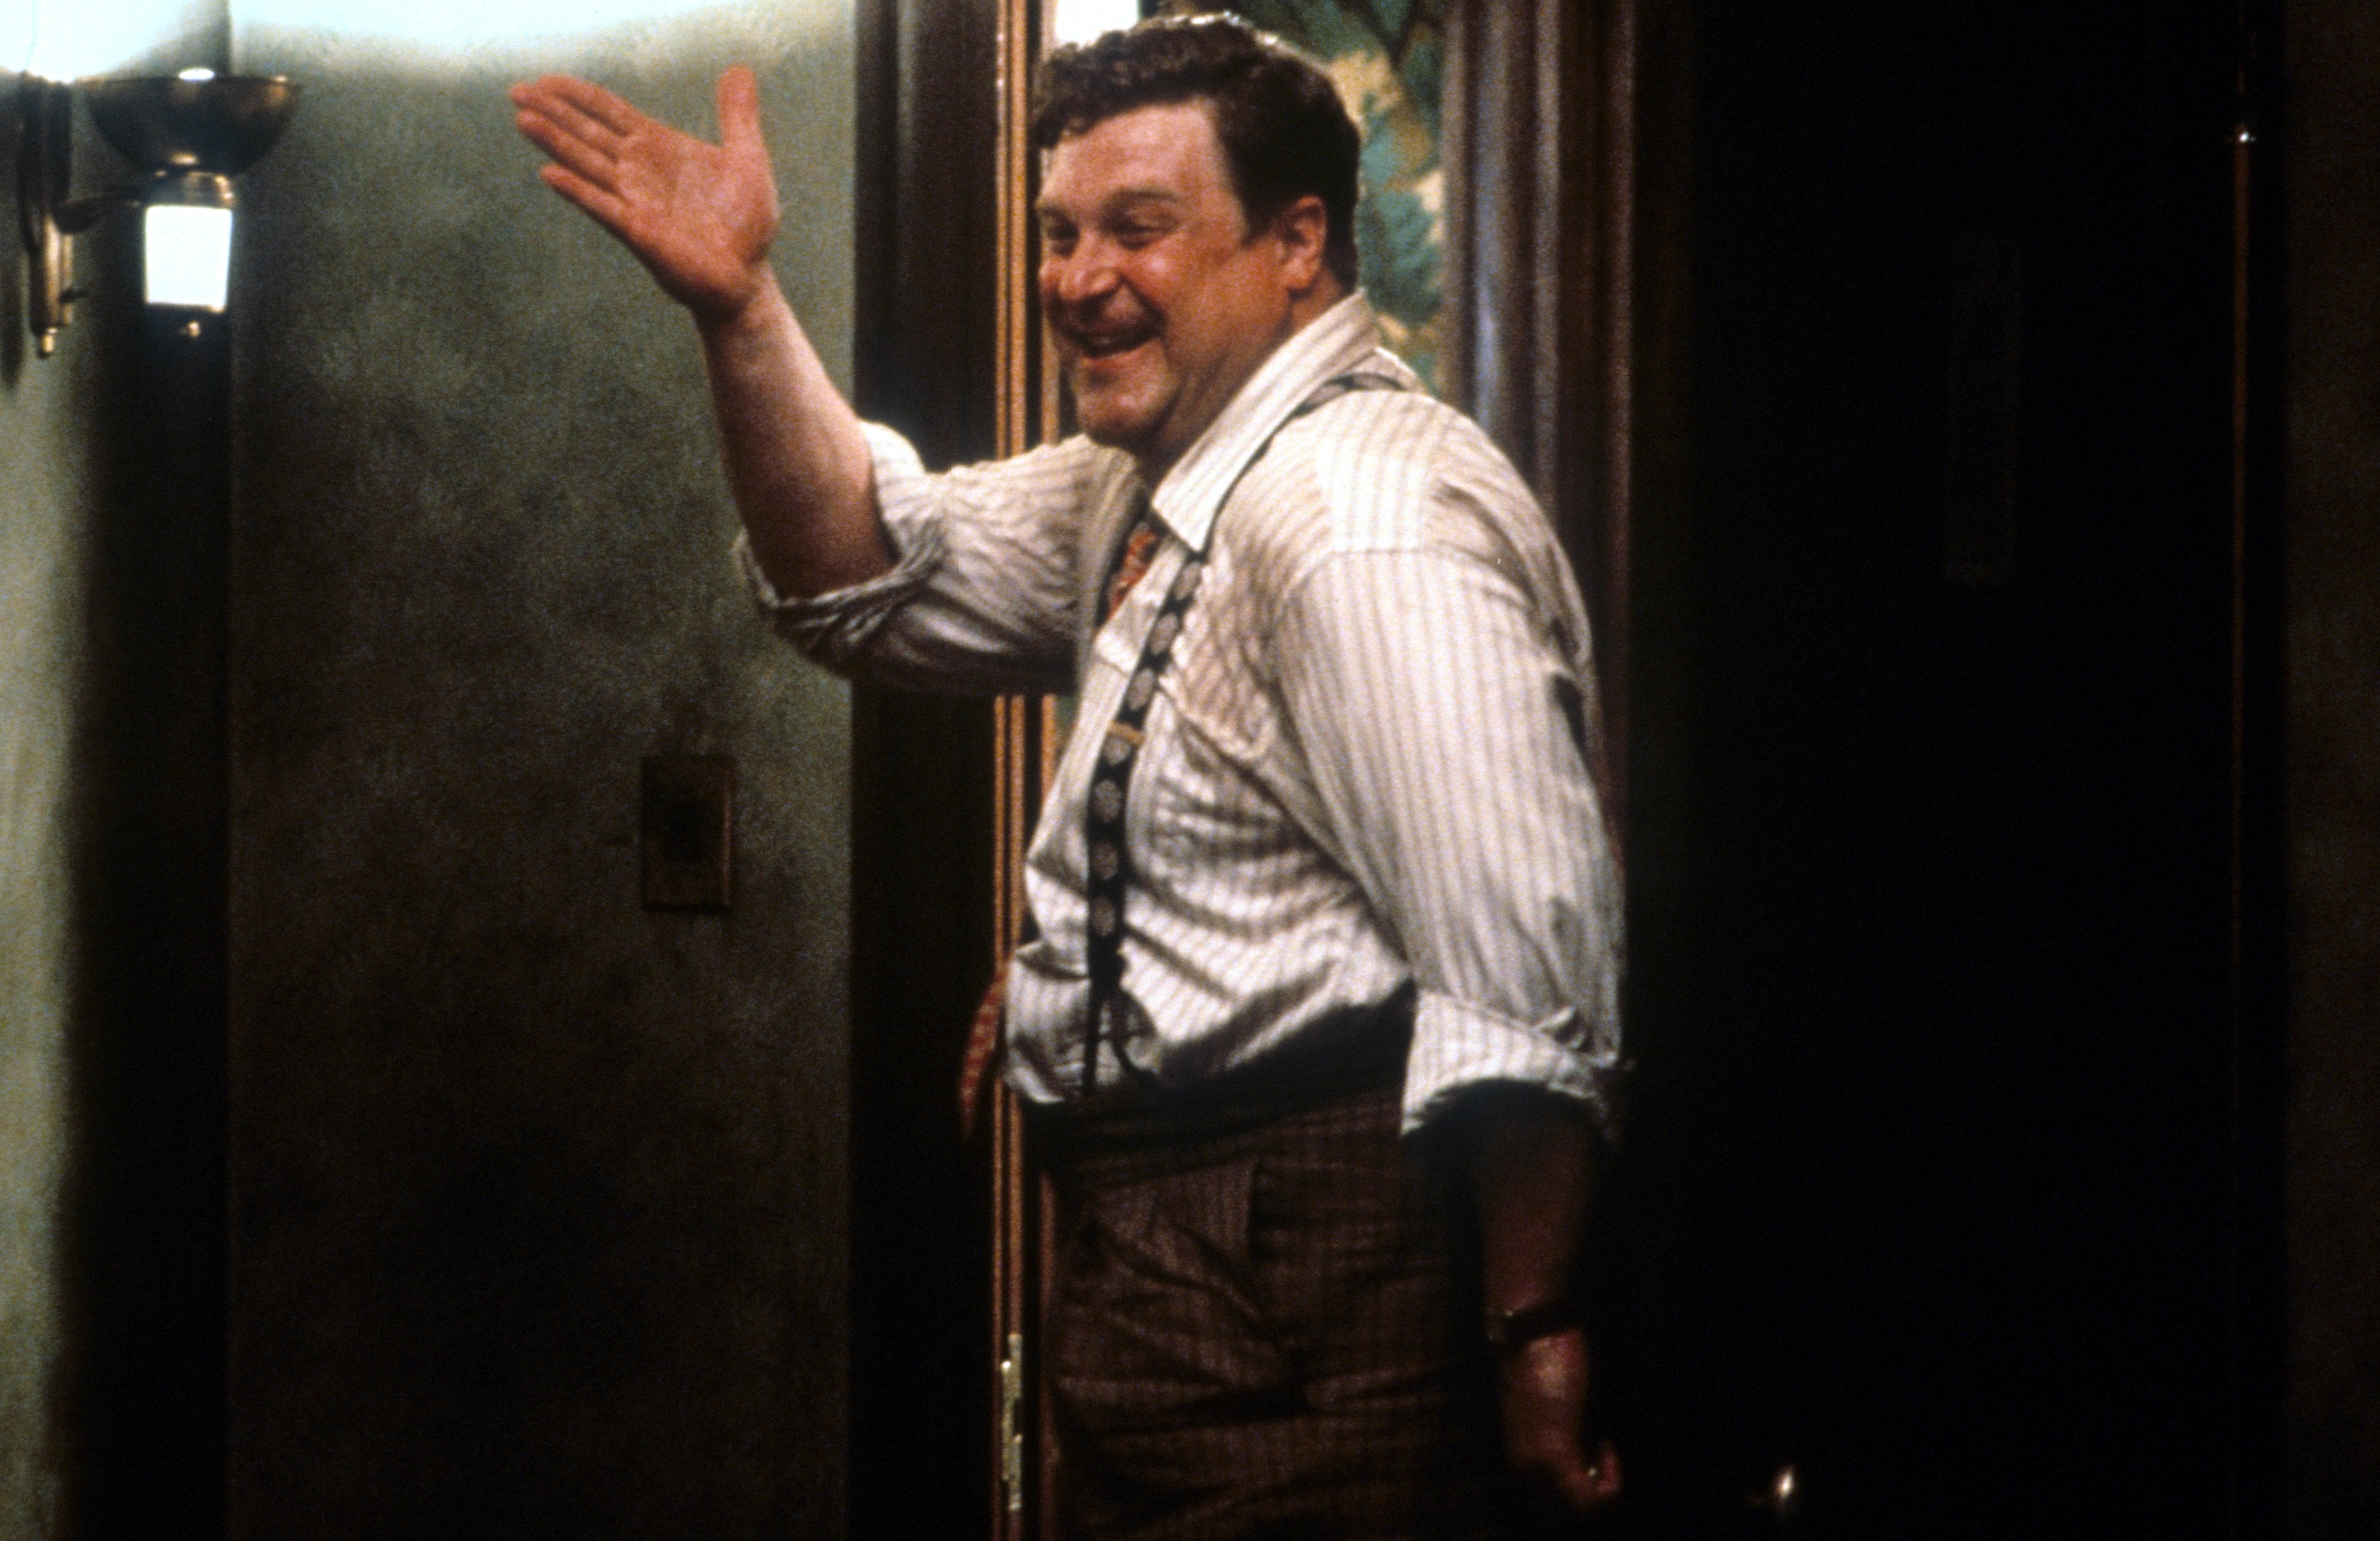 John Goodman in Barton Fink (1991)